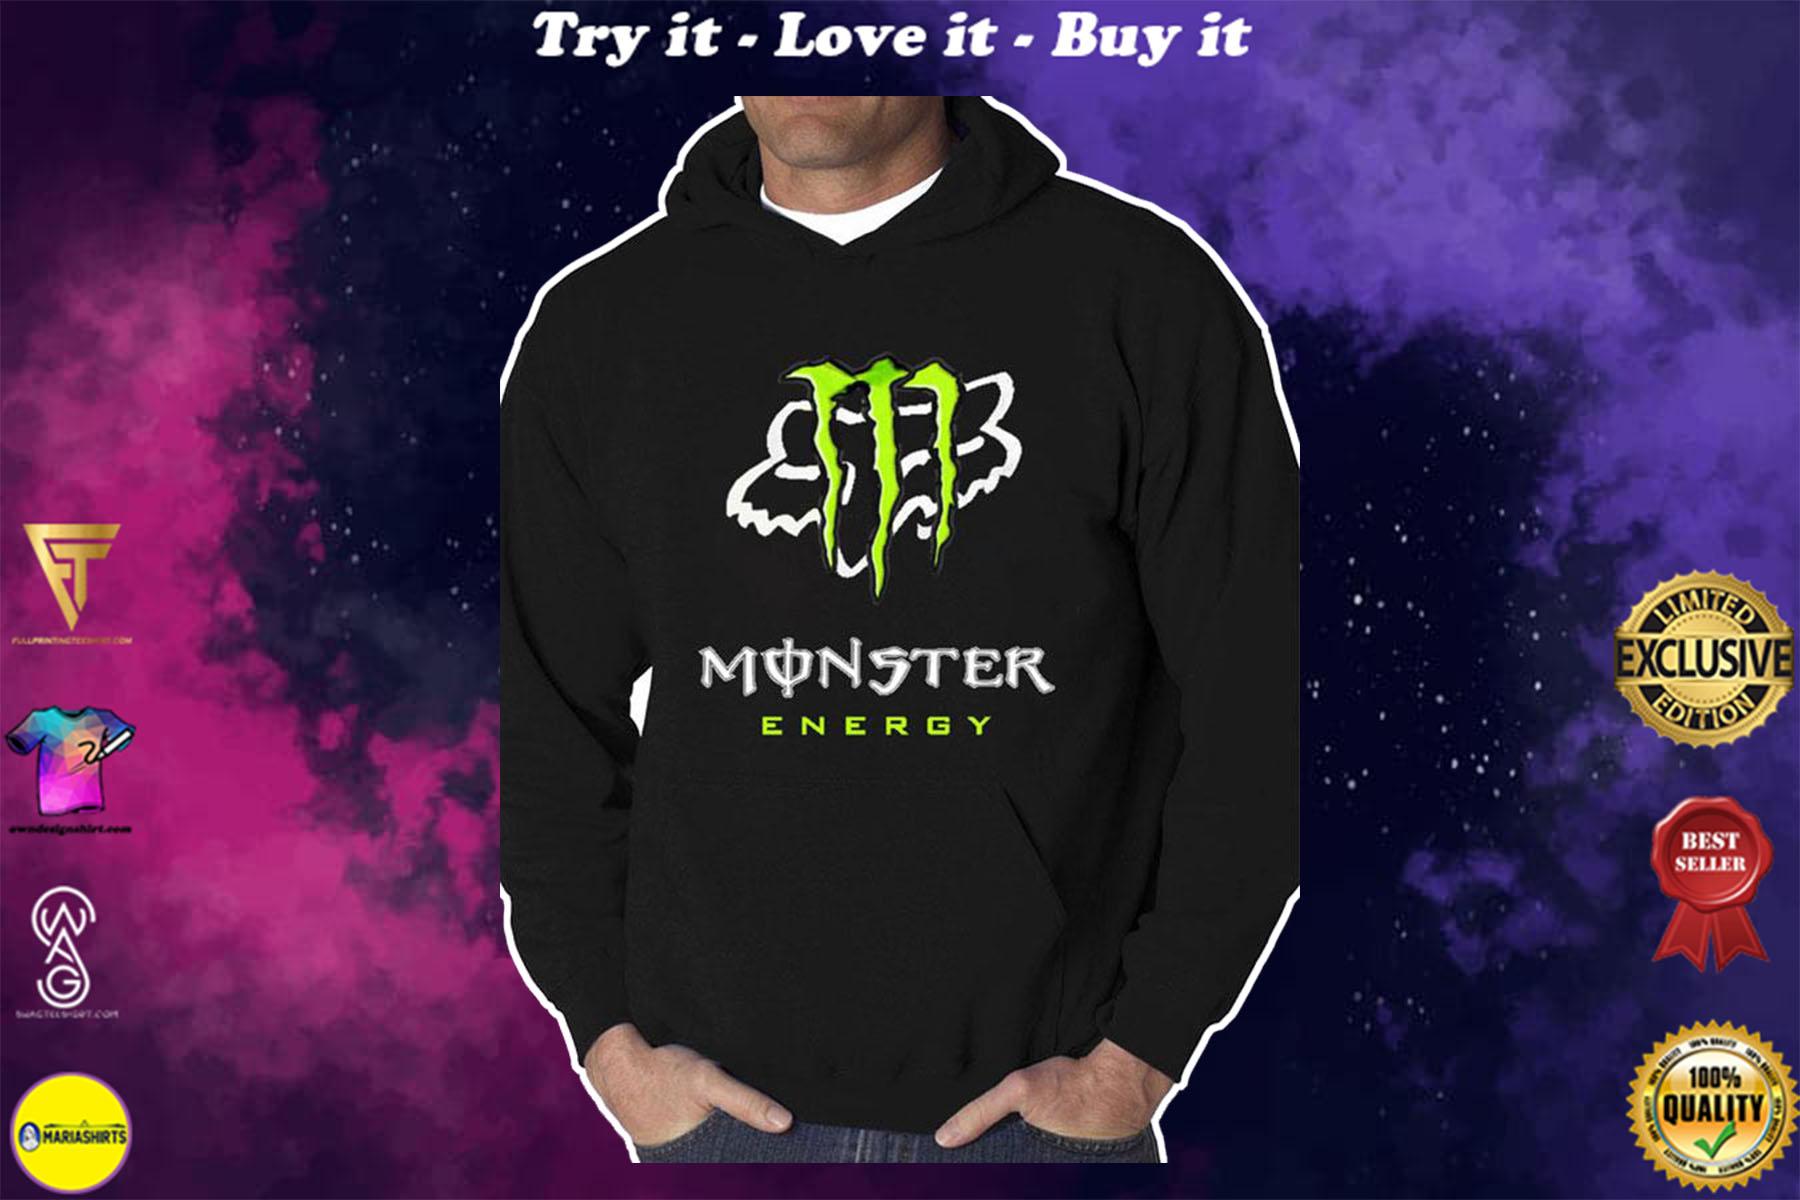 [highest selling] monster energy fox racing team motocross full printing shirt - maria